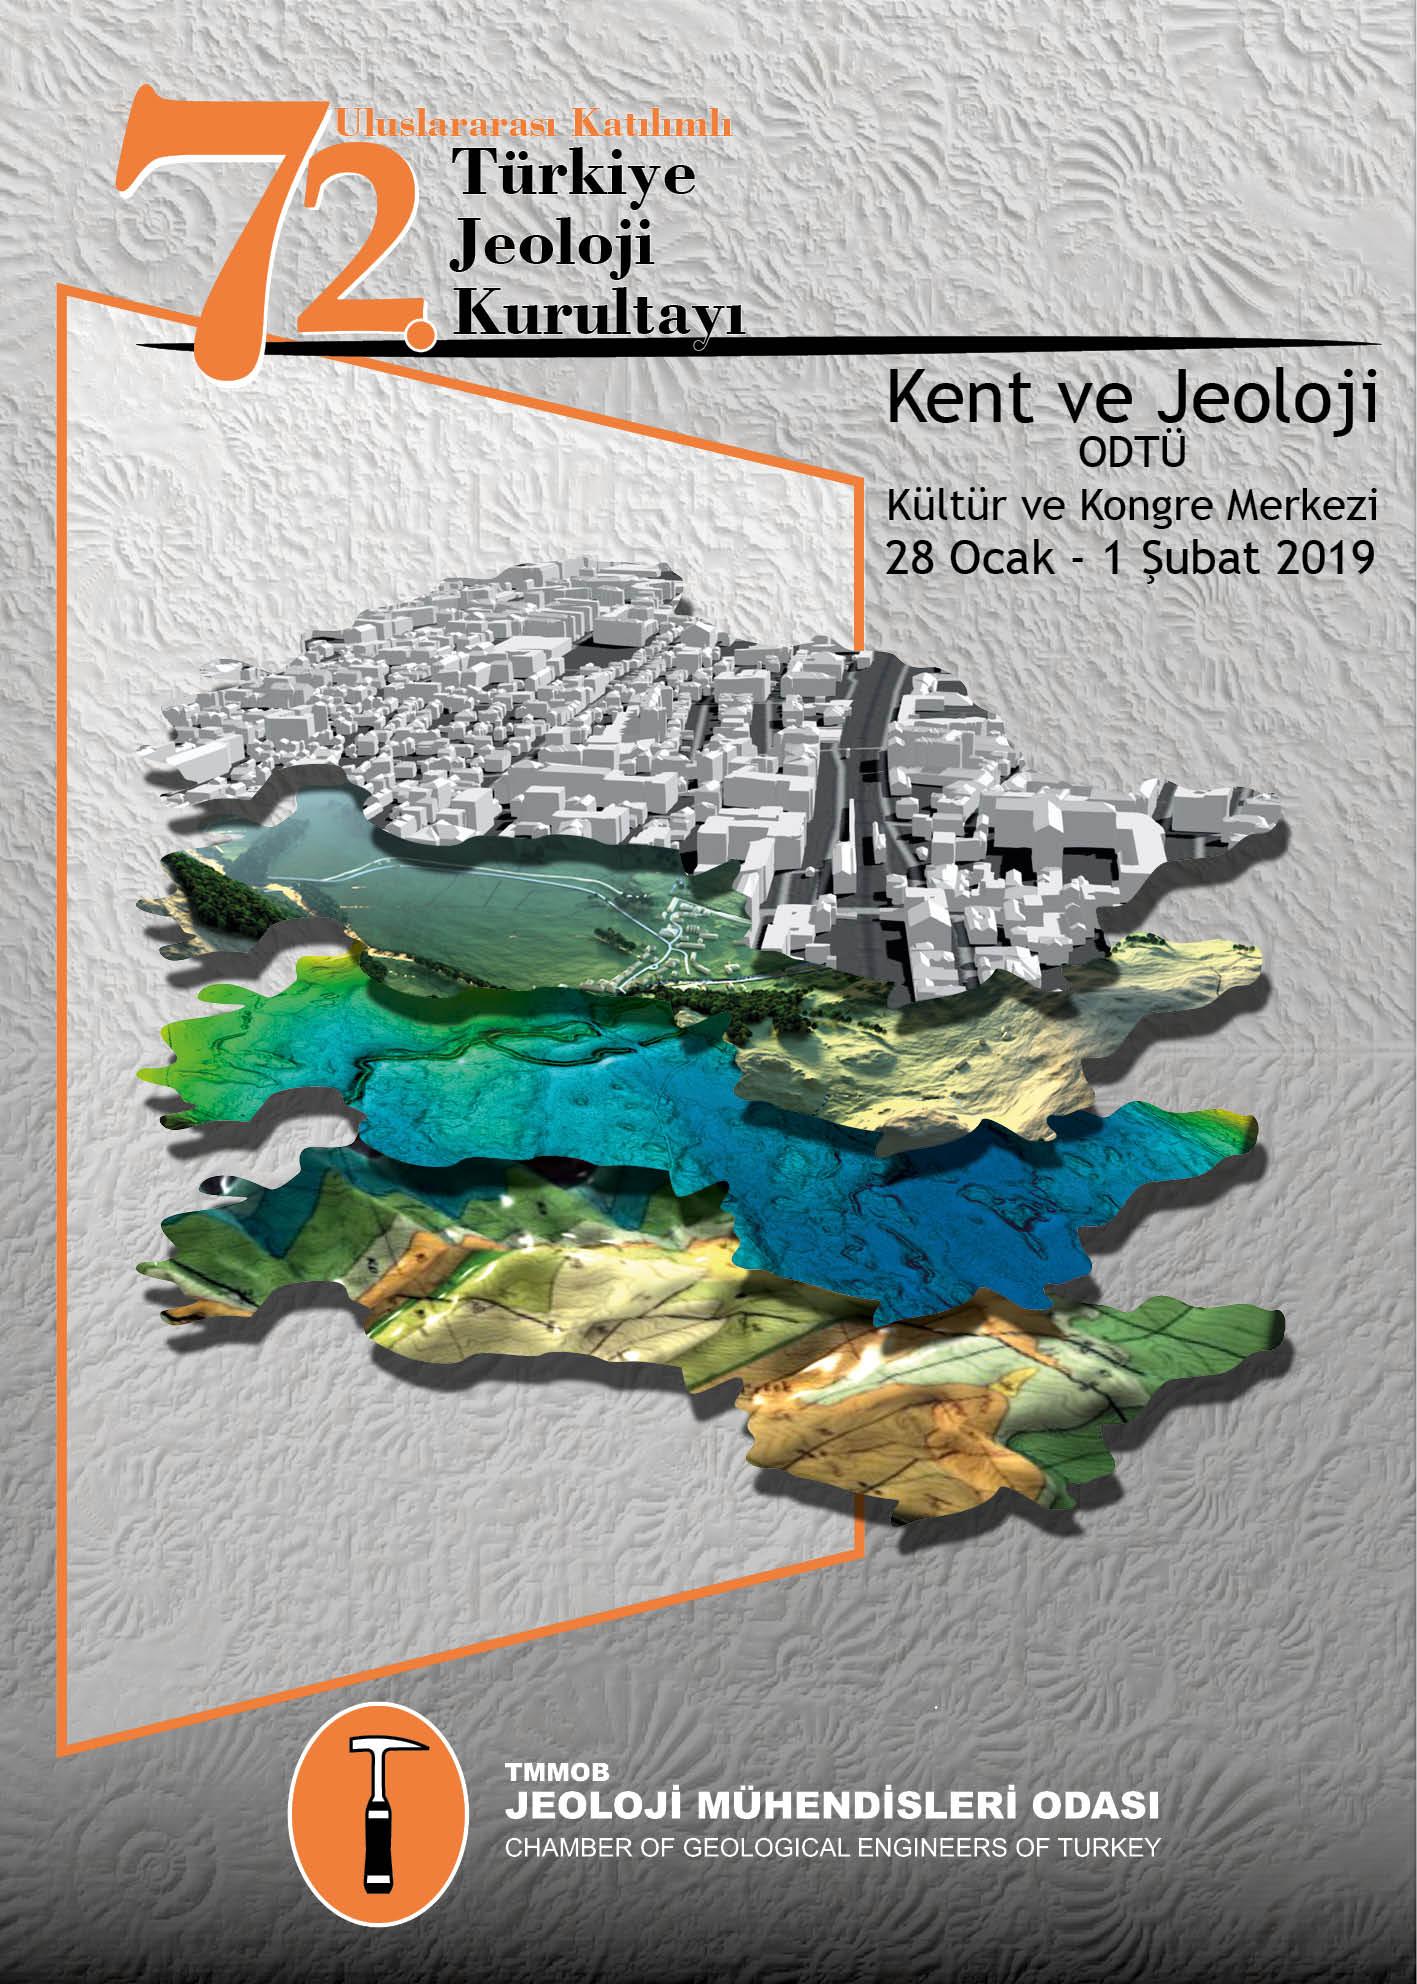 72. Türkiye Jeoloji Kurultayý